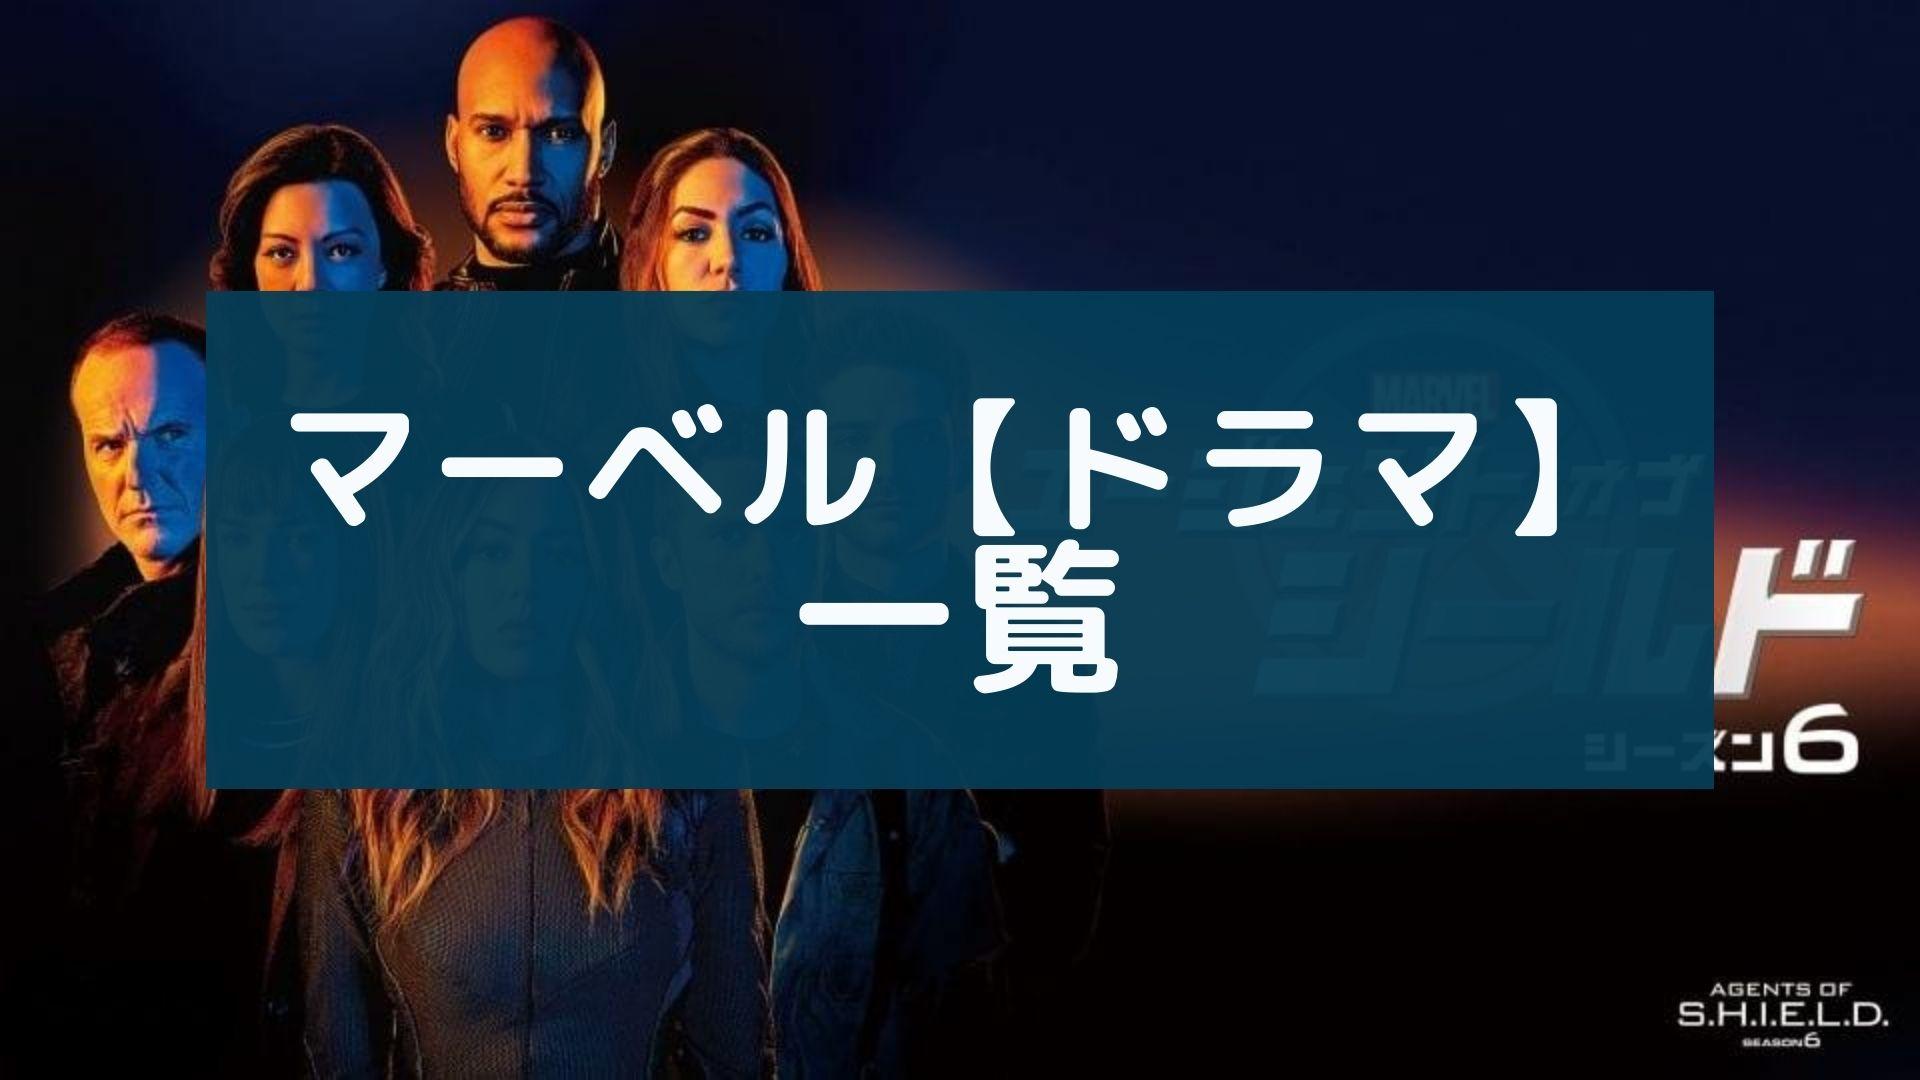 【MCU】マーベルドラマ一覧!ディズニープラス配信予定作品も!【ドラマ】